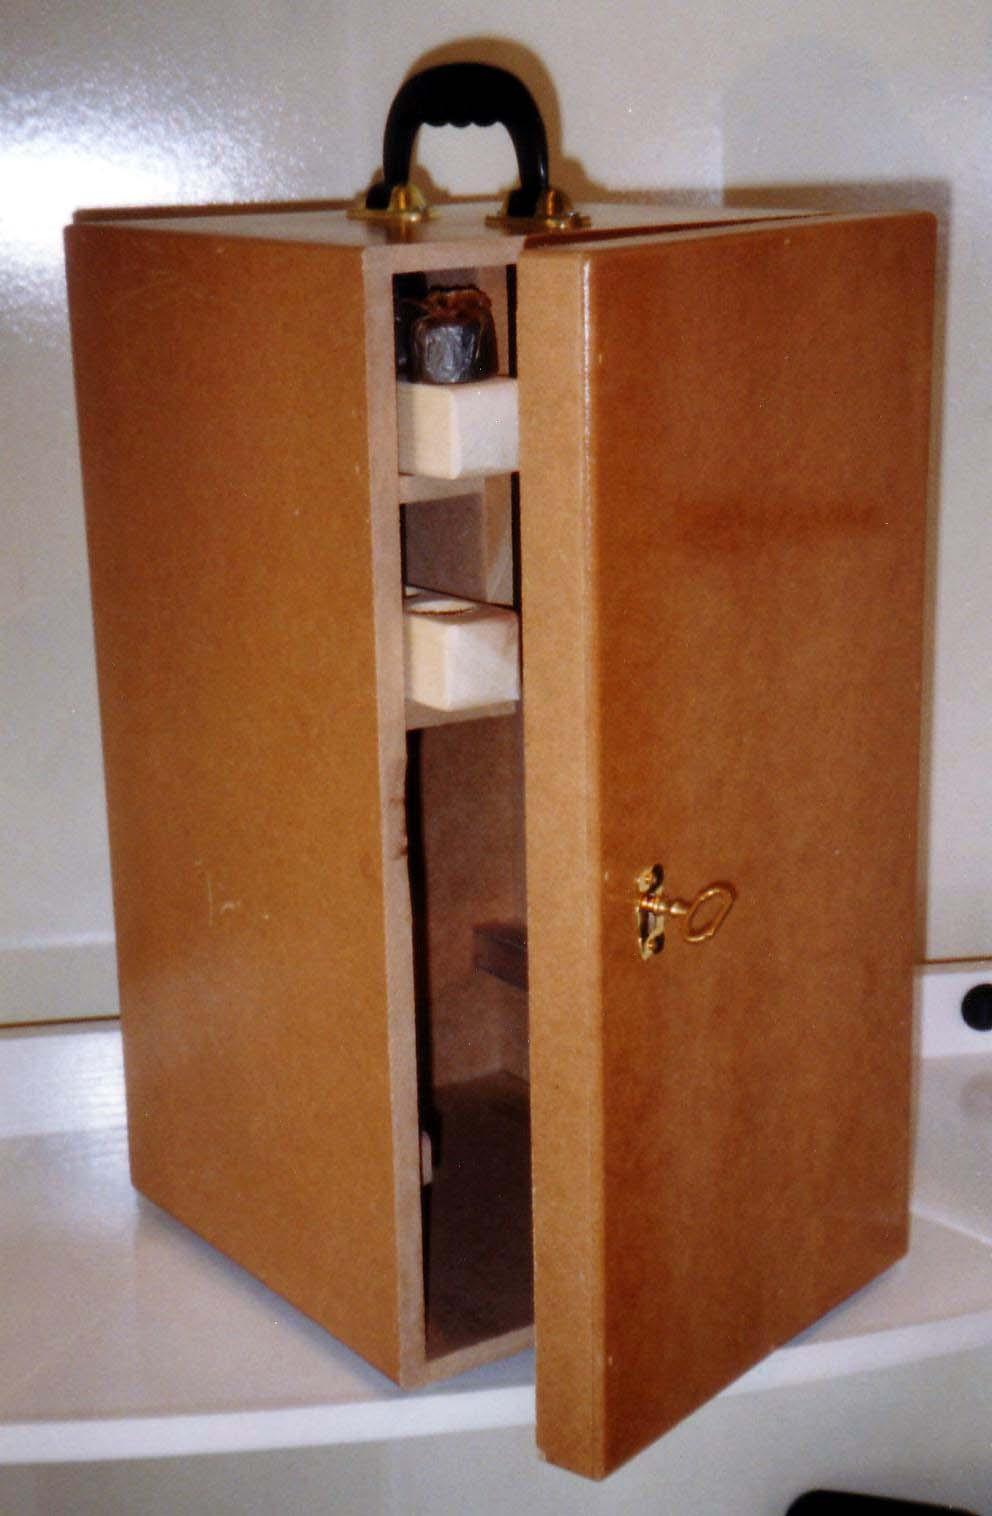 Caja de madera para microscopio fabricada en dm mdf - Cajas de madera para chuches ...